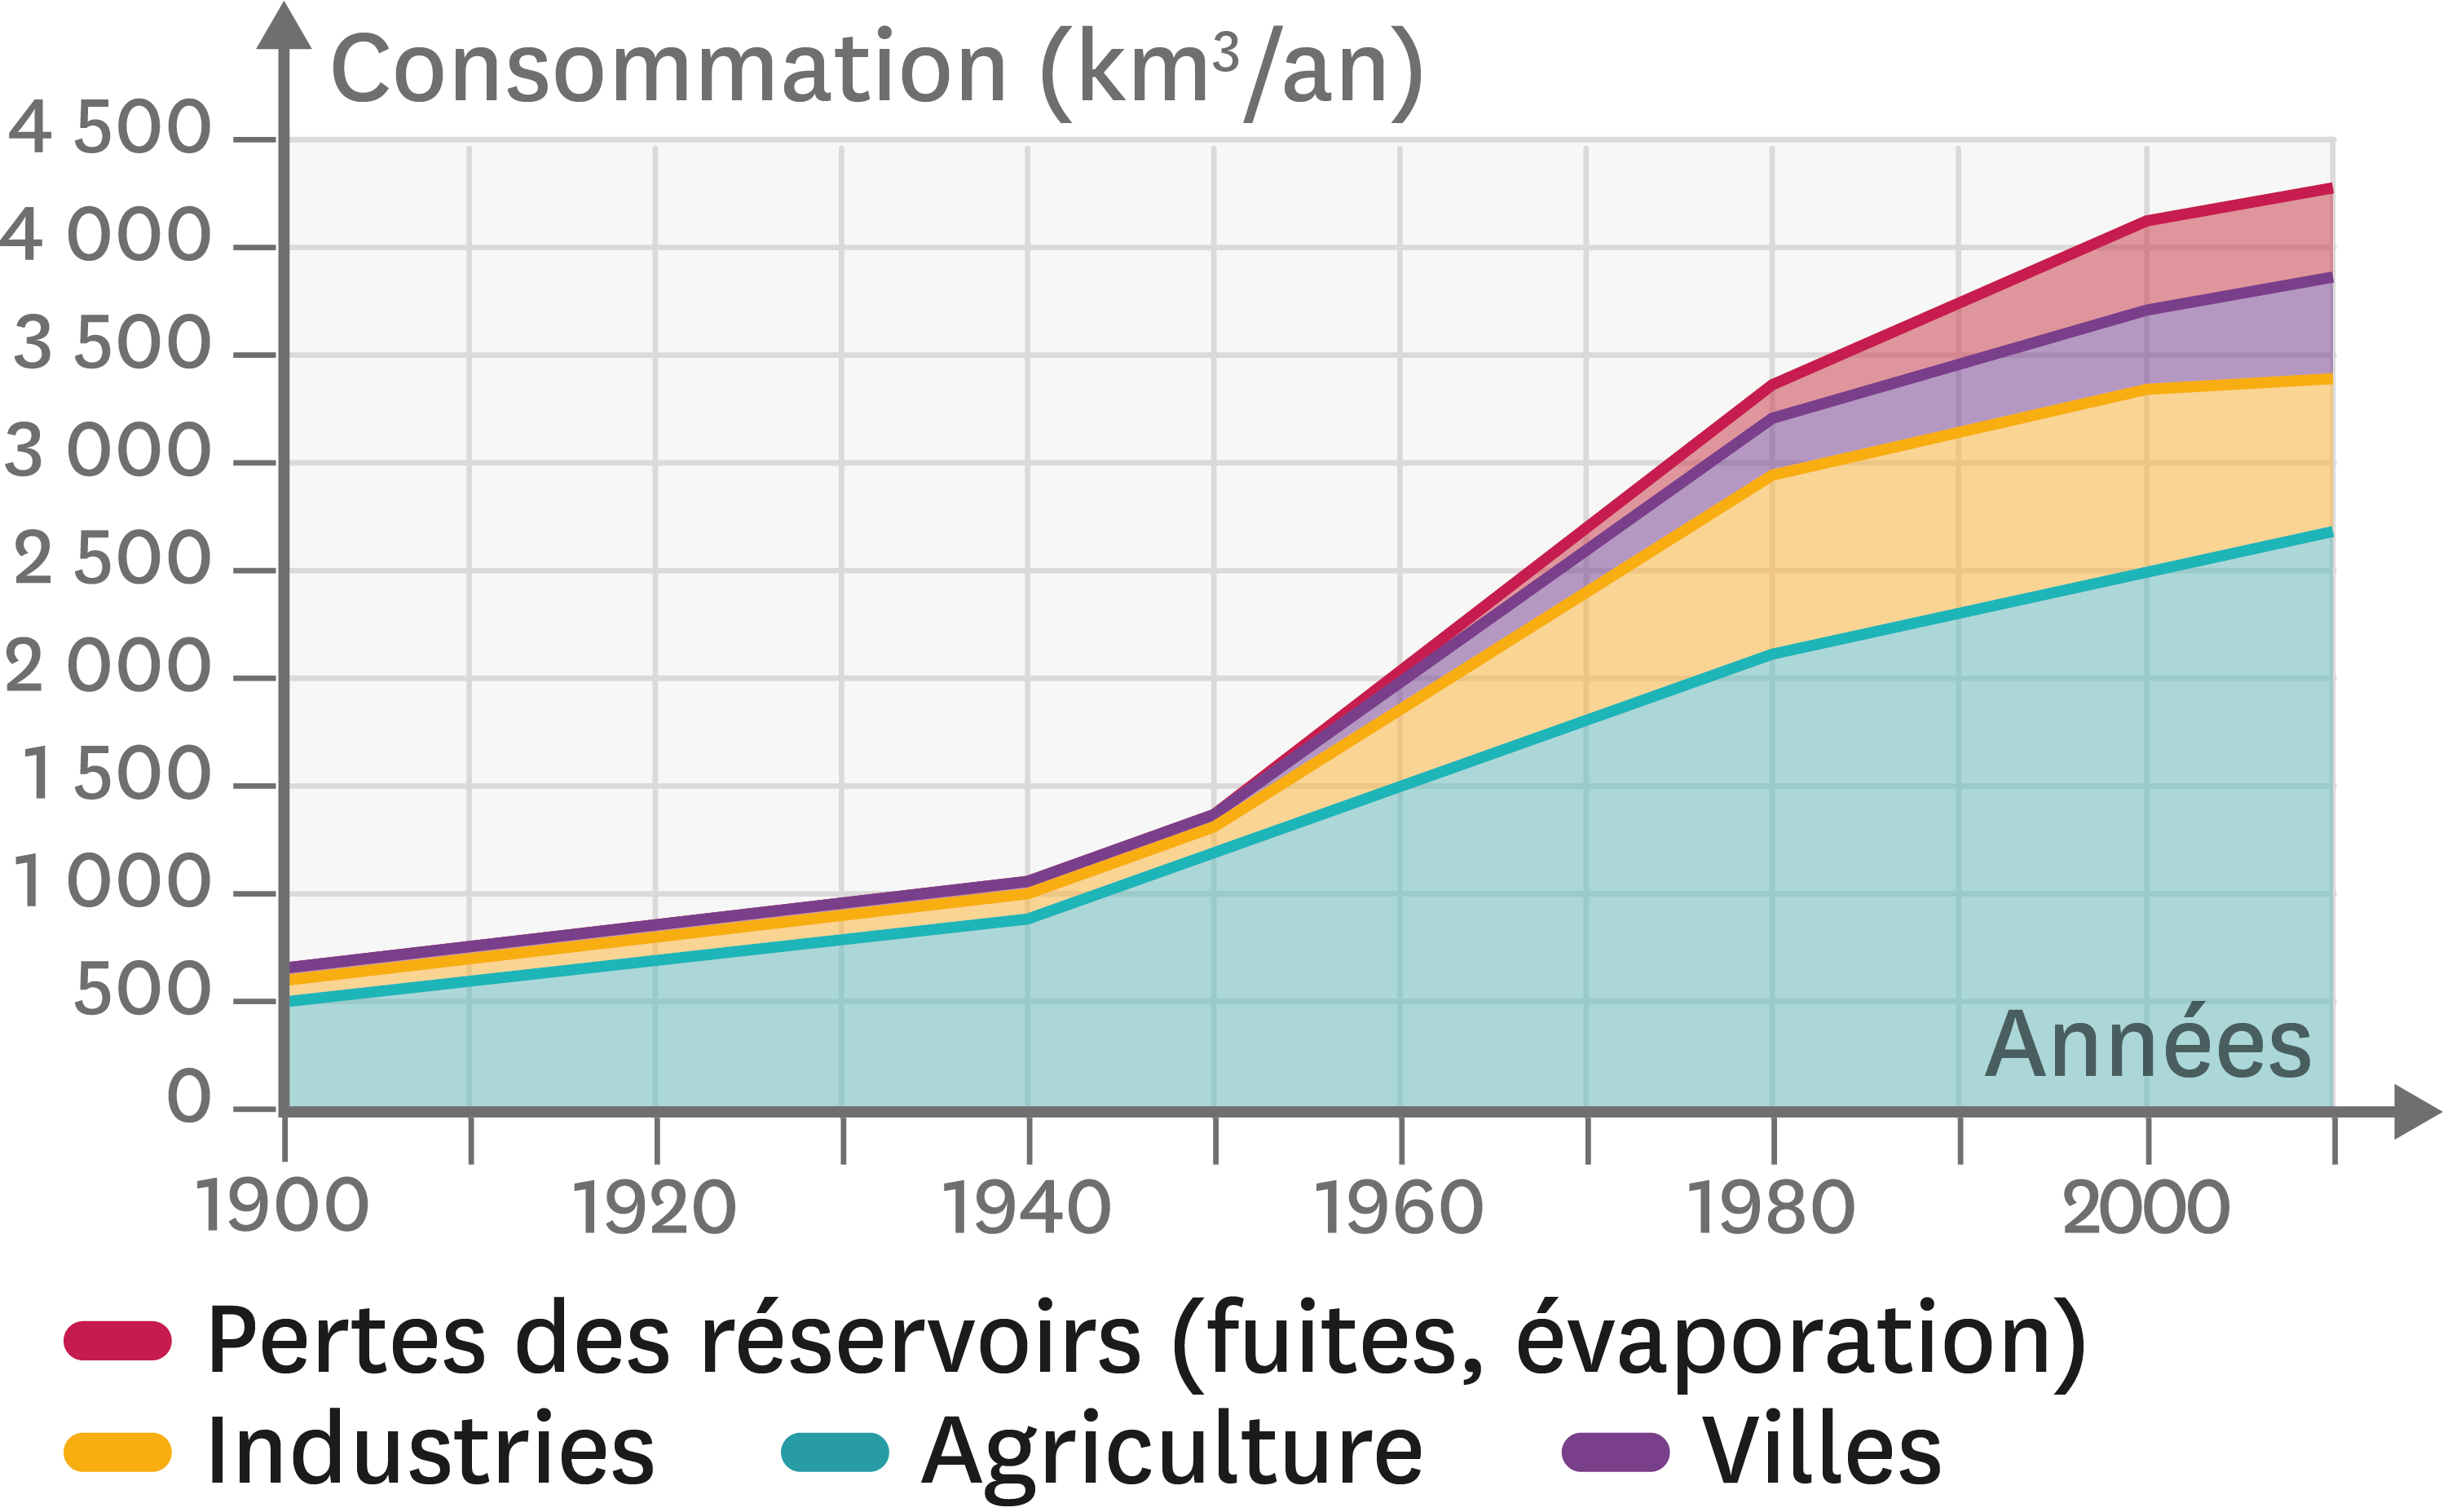 <stamp theme='svt-green1'>Doc. 4</stamp> Les utilisations de l'eau dans le monde entre 1900 et 2010.